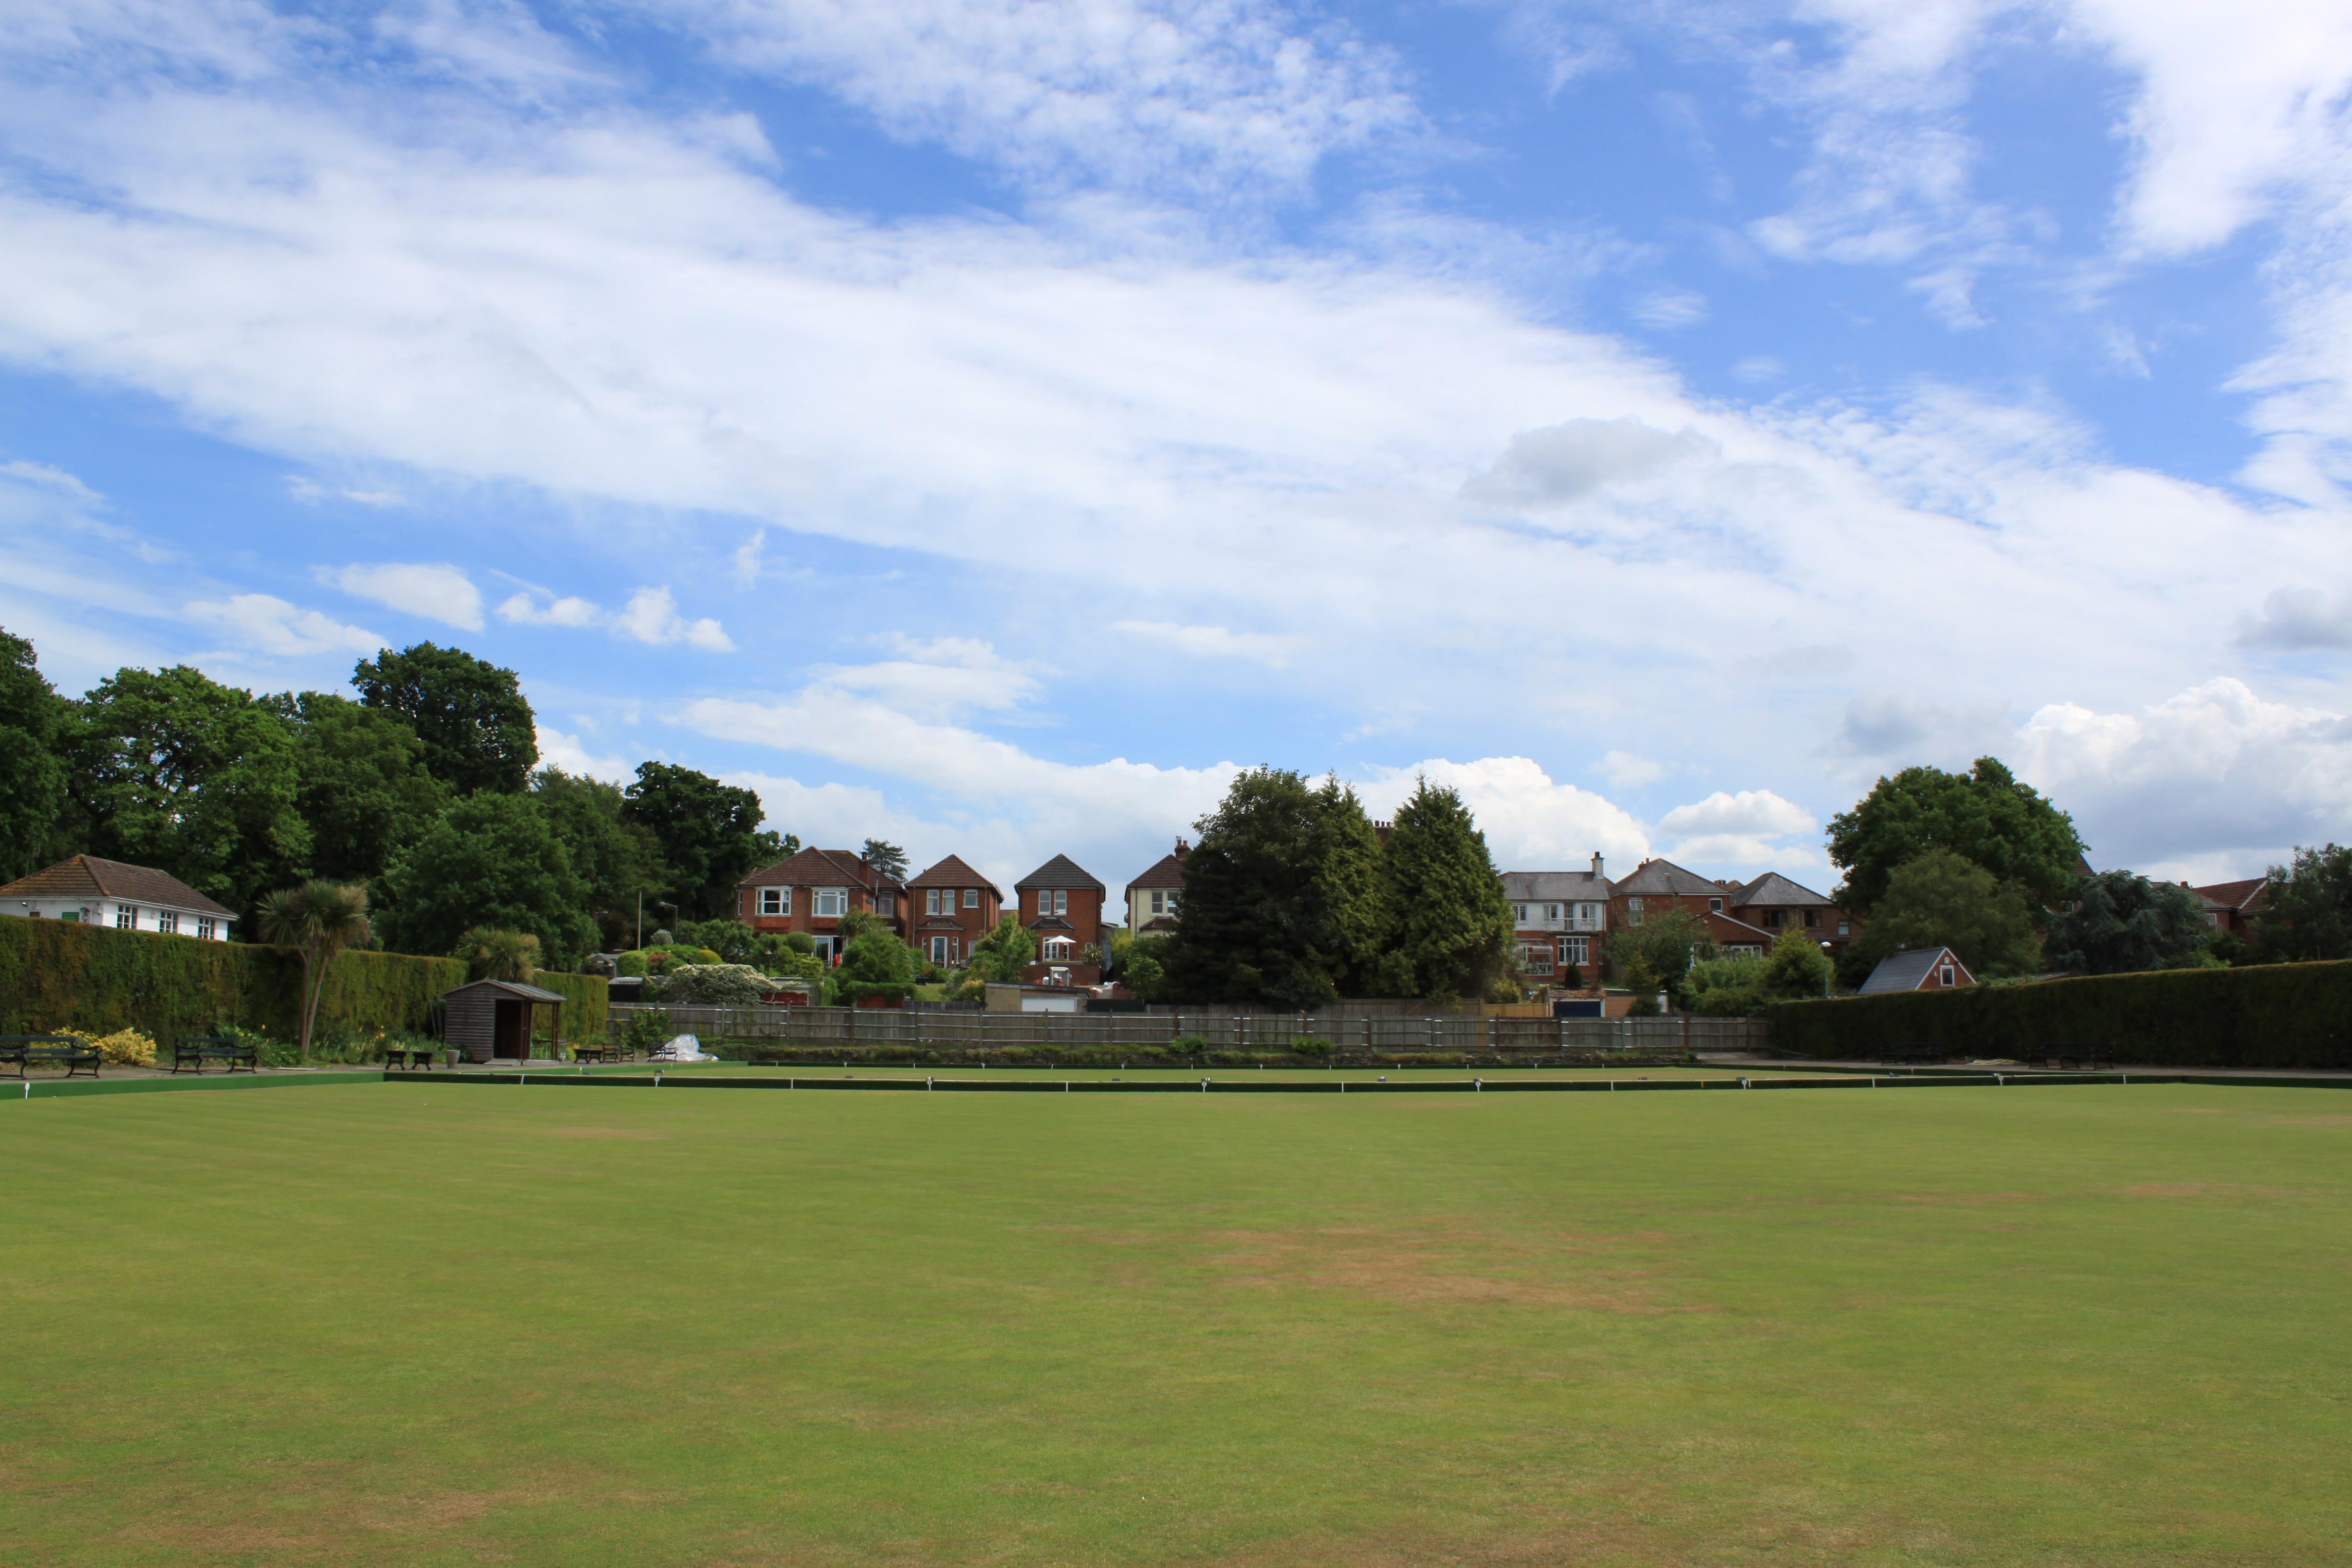 Lawn, Grass, Houses, Landscape, Sky, HQ Photo